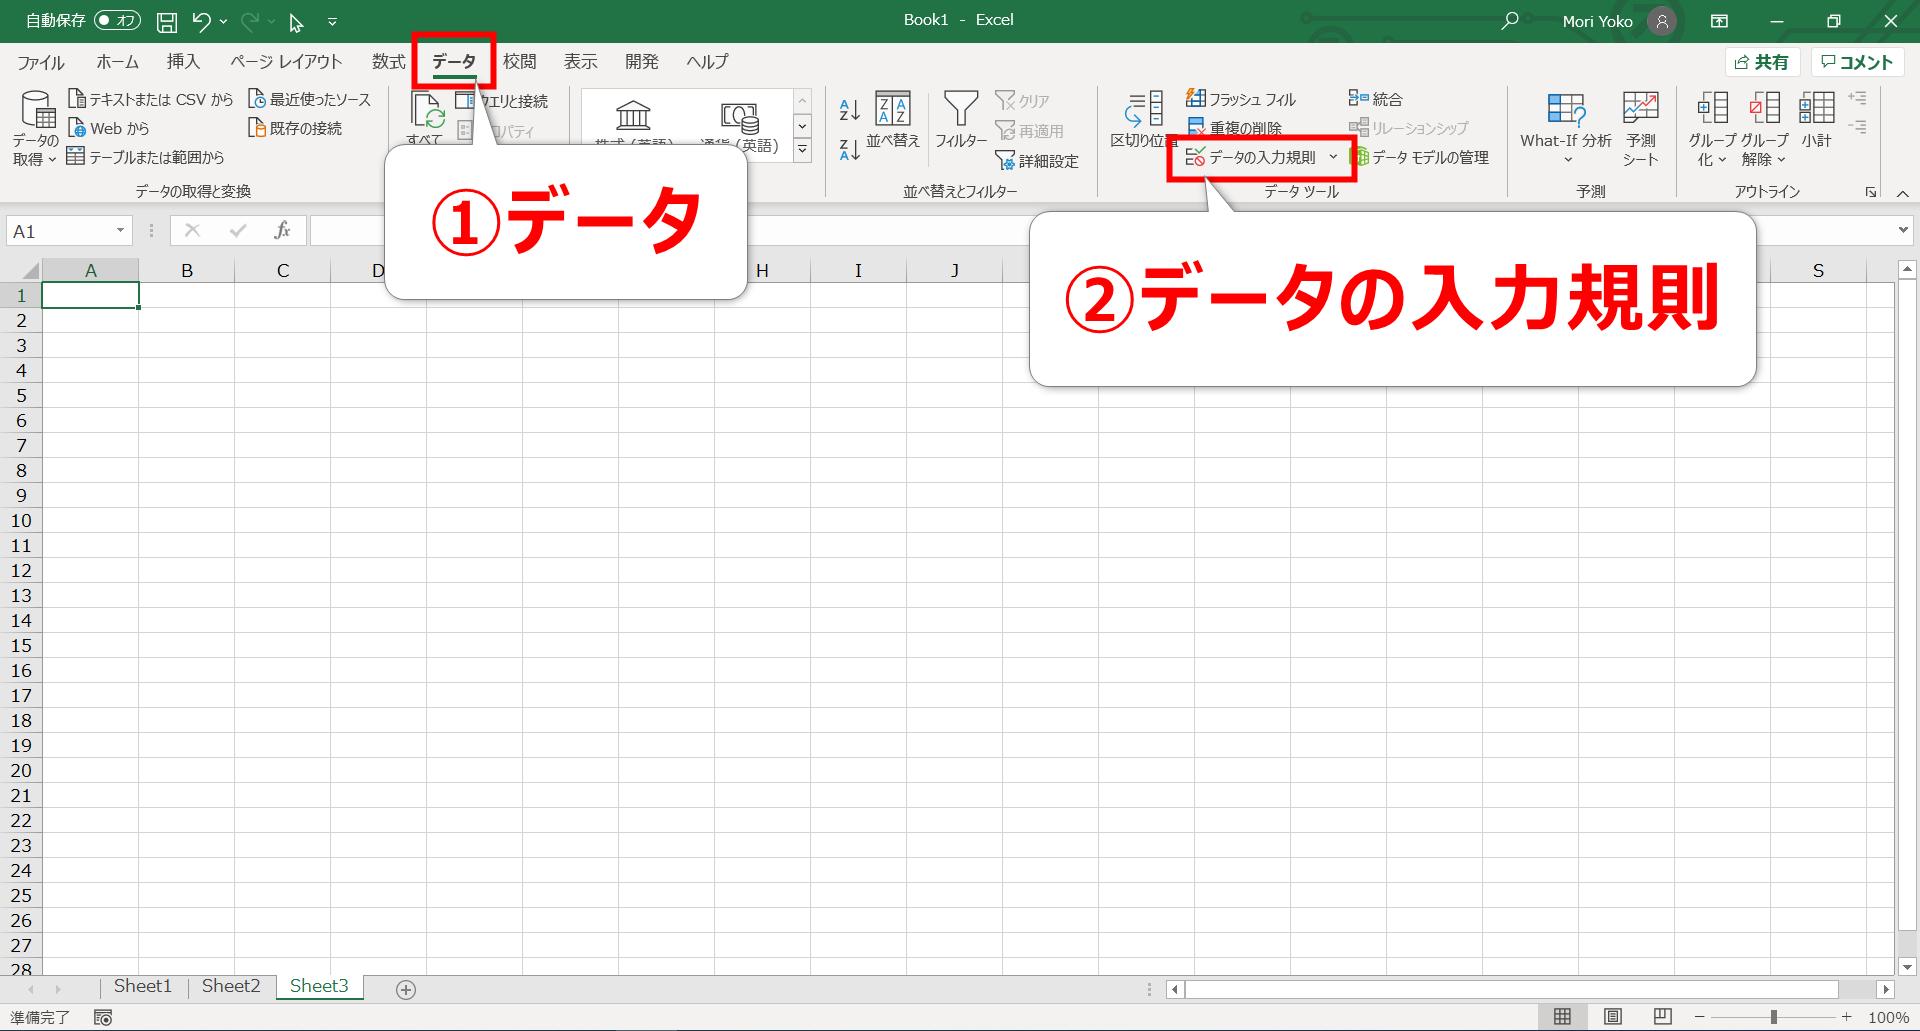 システム操作手順書作成時の画面キャプチャの範囲(画面全体)